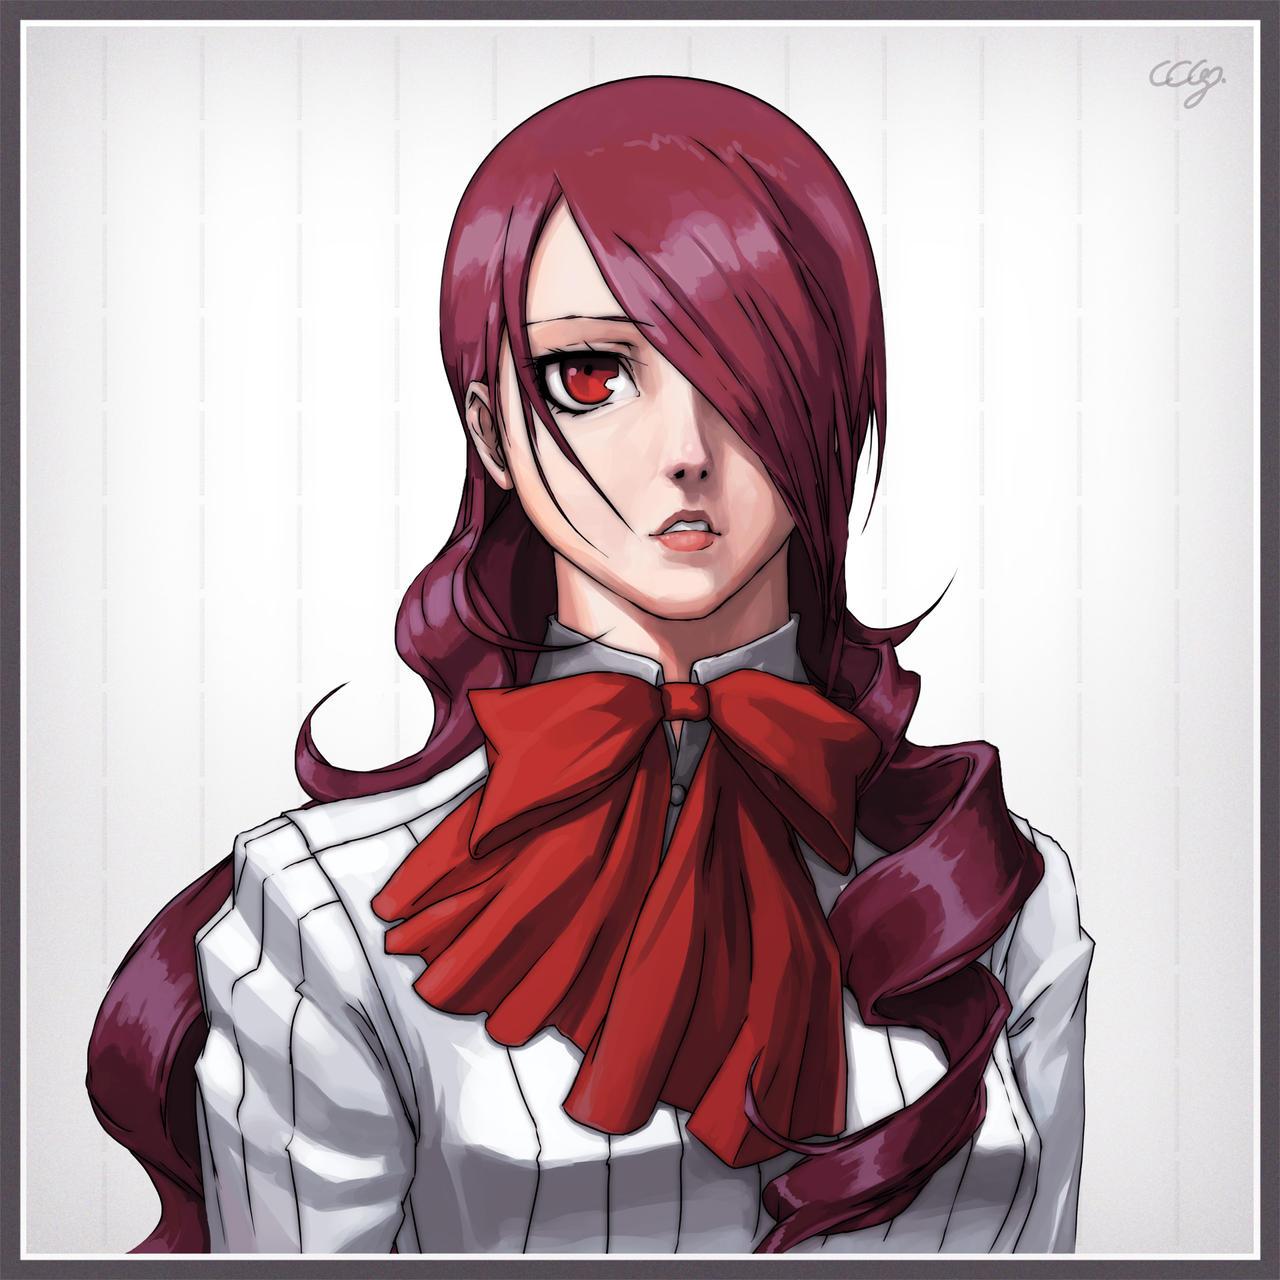 Persona 3 - Mitsuru Kirijo by Razputin93